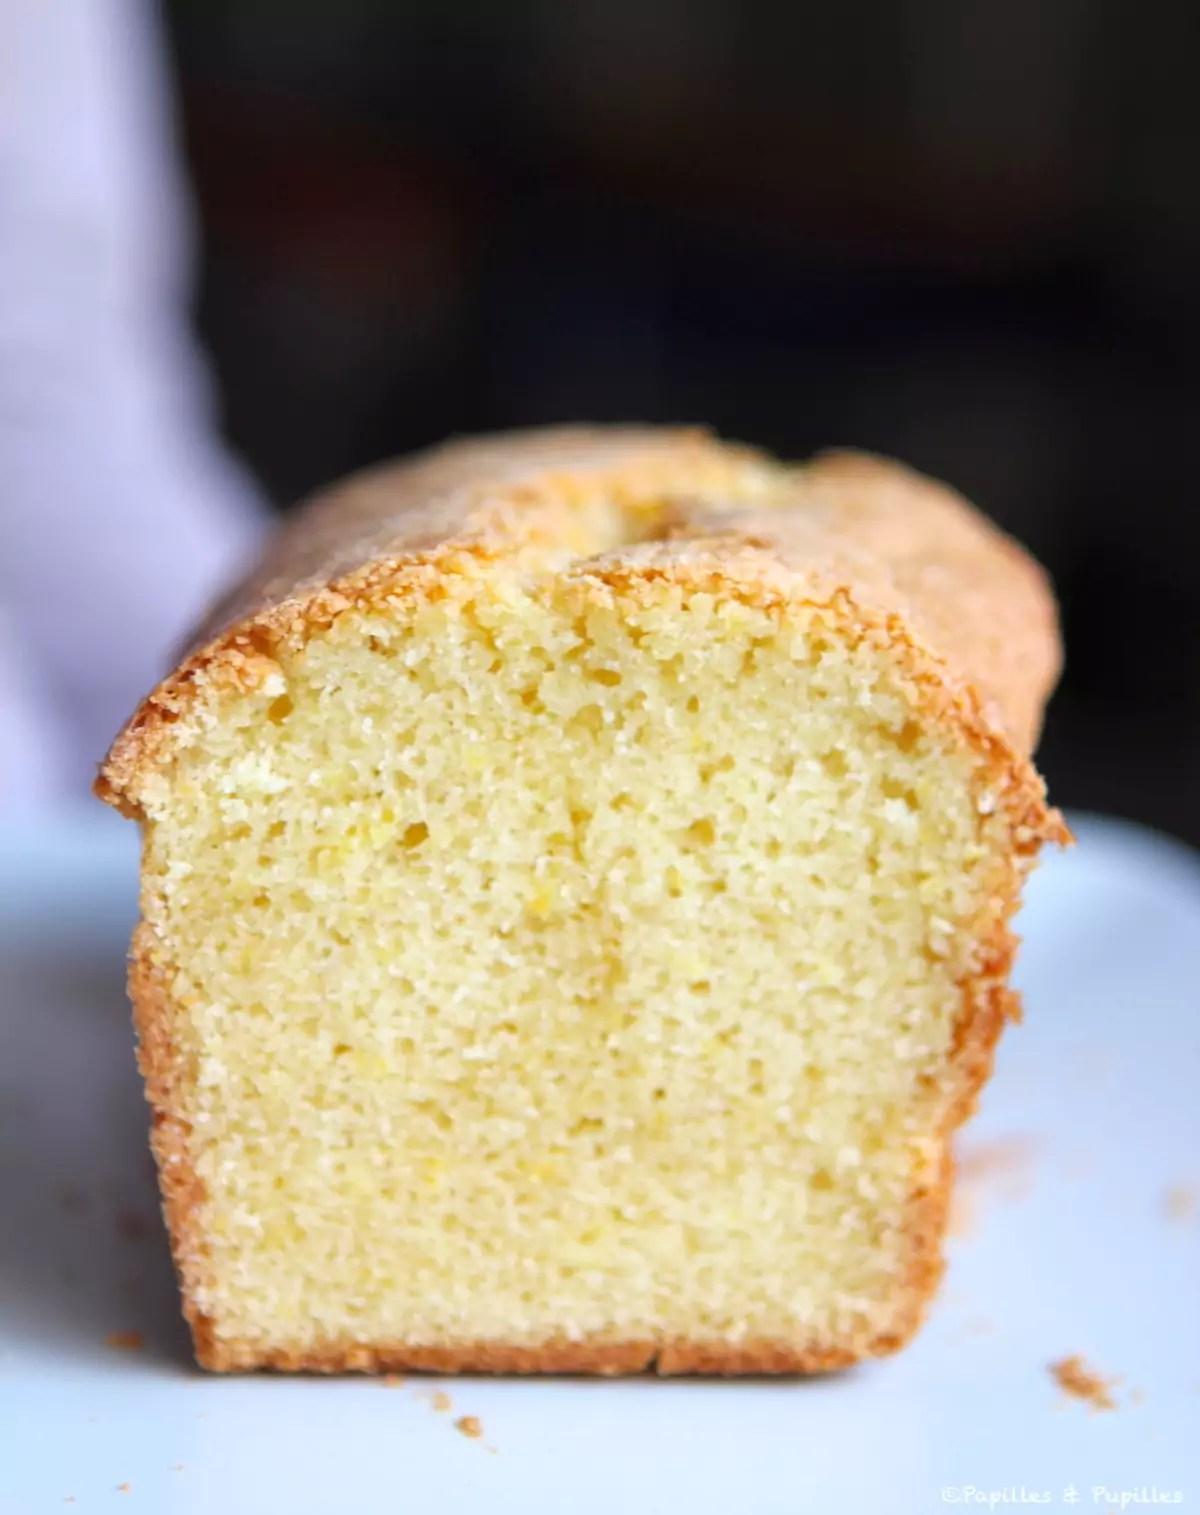 Cake Au Citron De Sophie : citron, sophie, Recette, Citron, Christophe, Felder